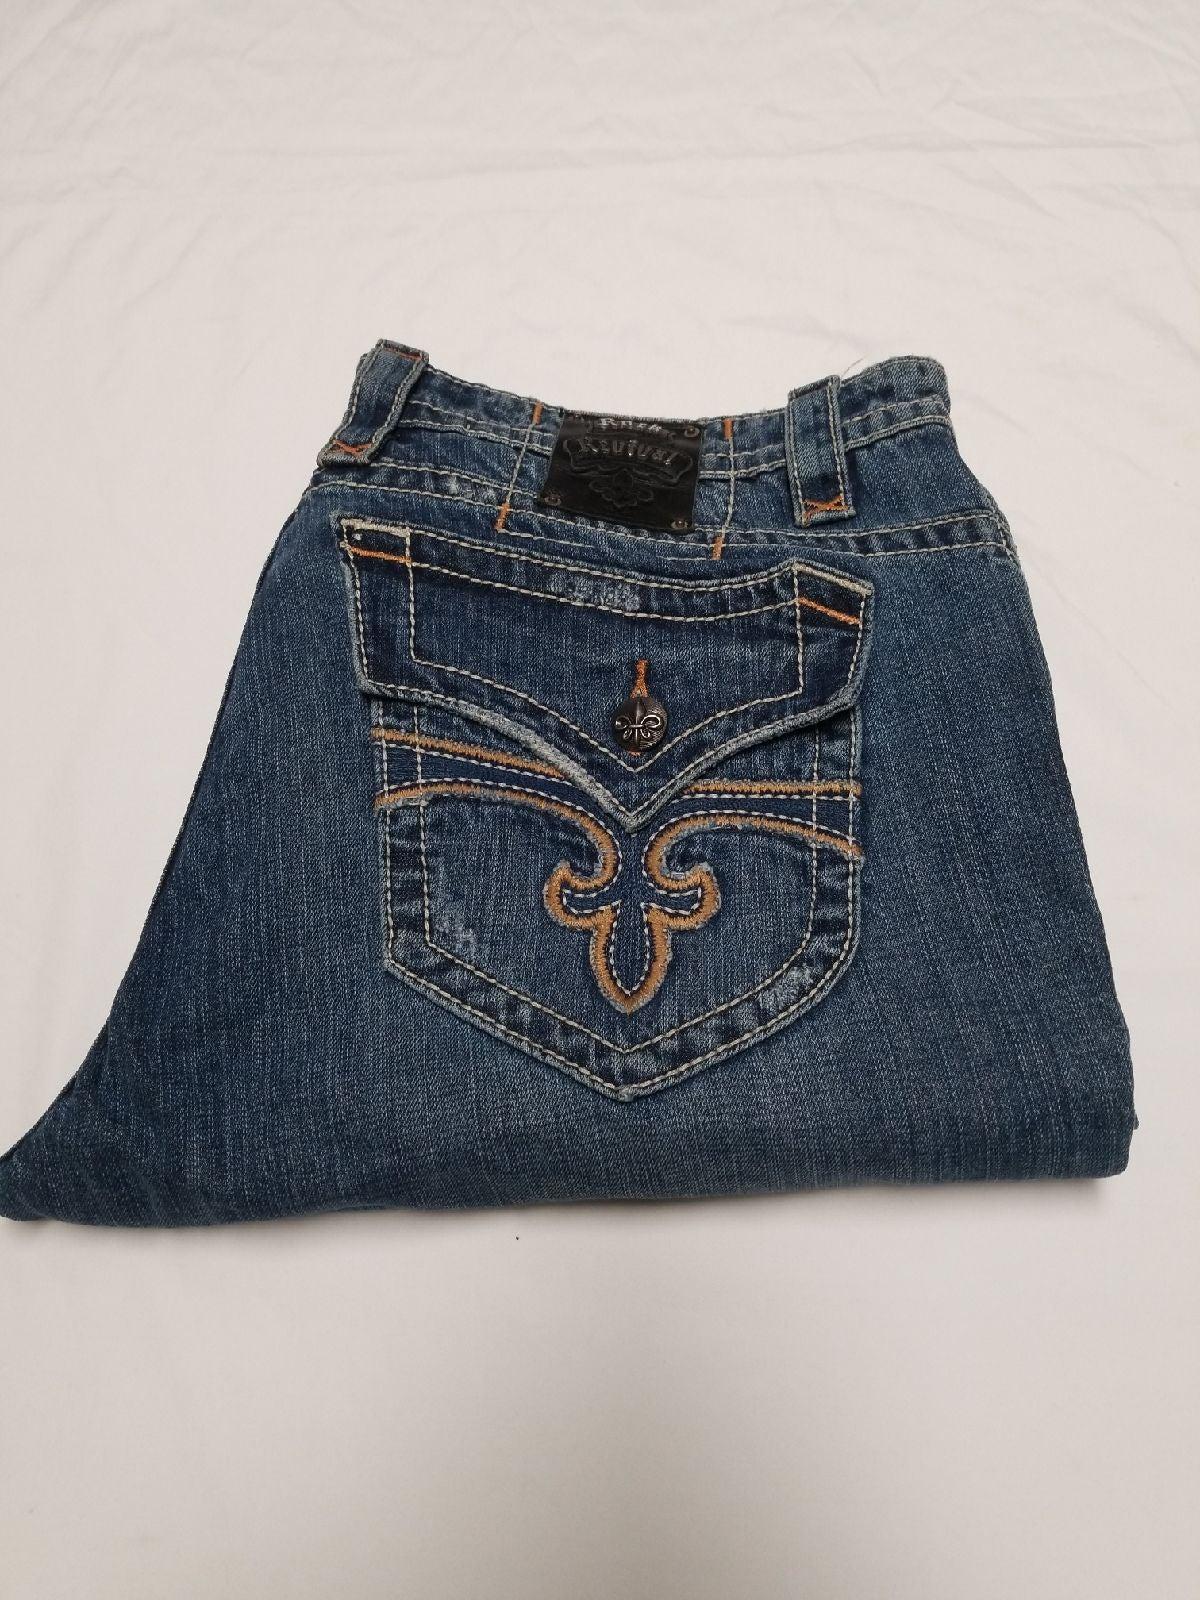 Rock Revival jeans men size 40x33